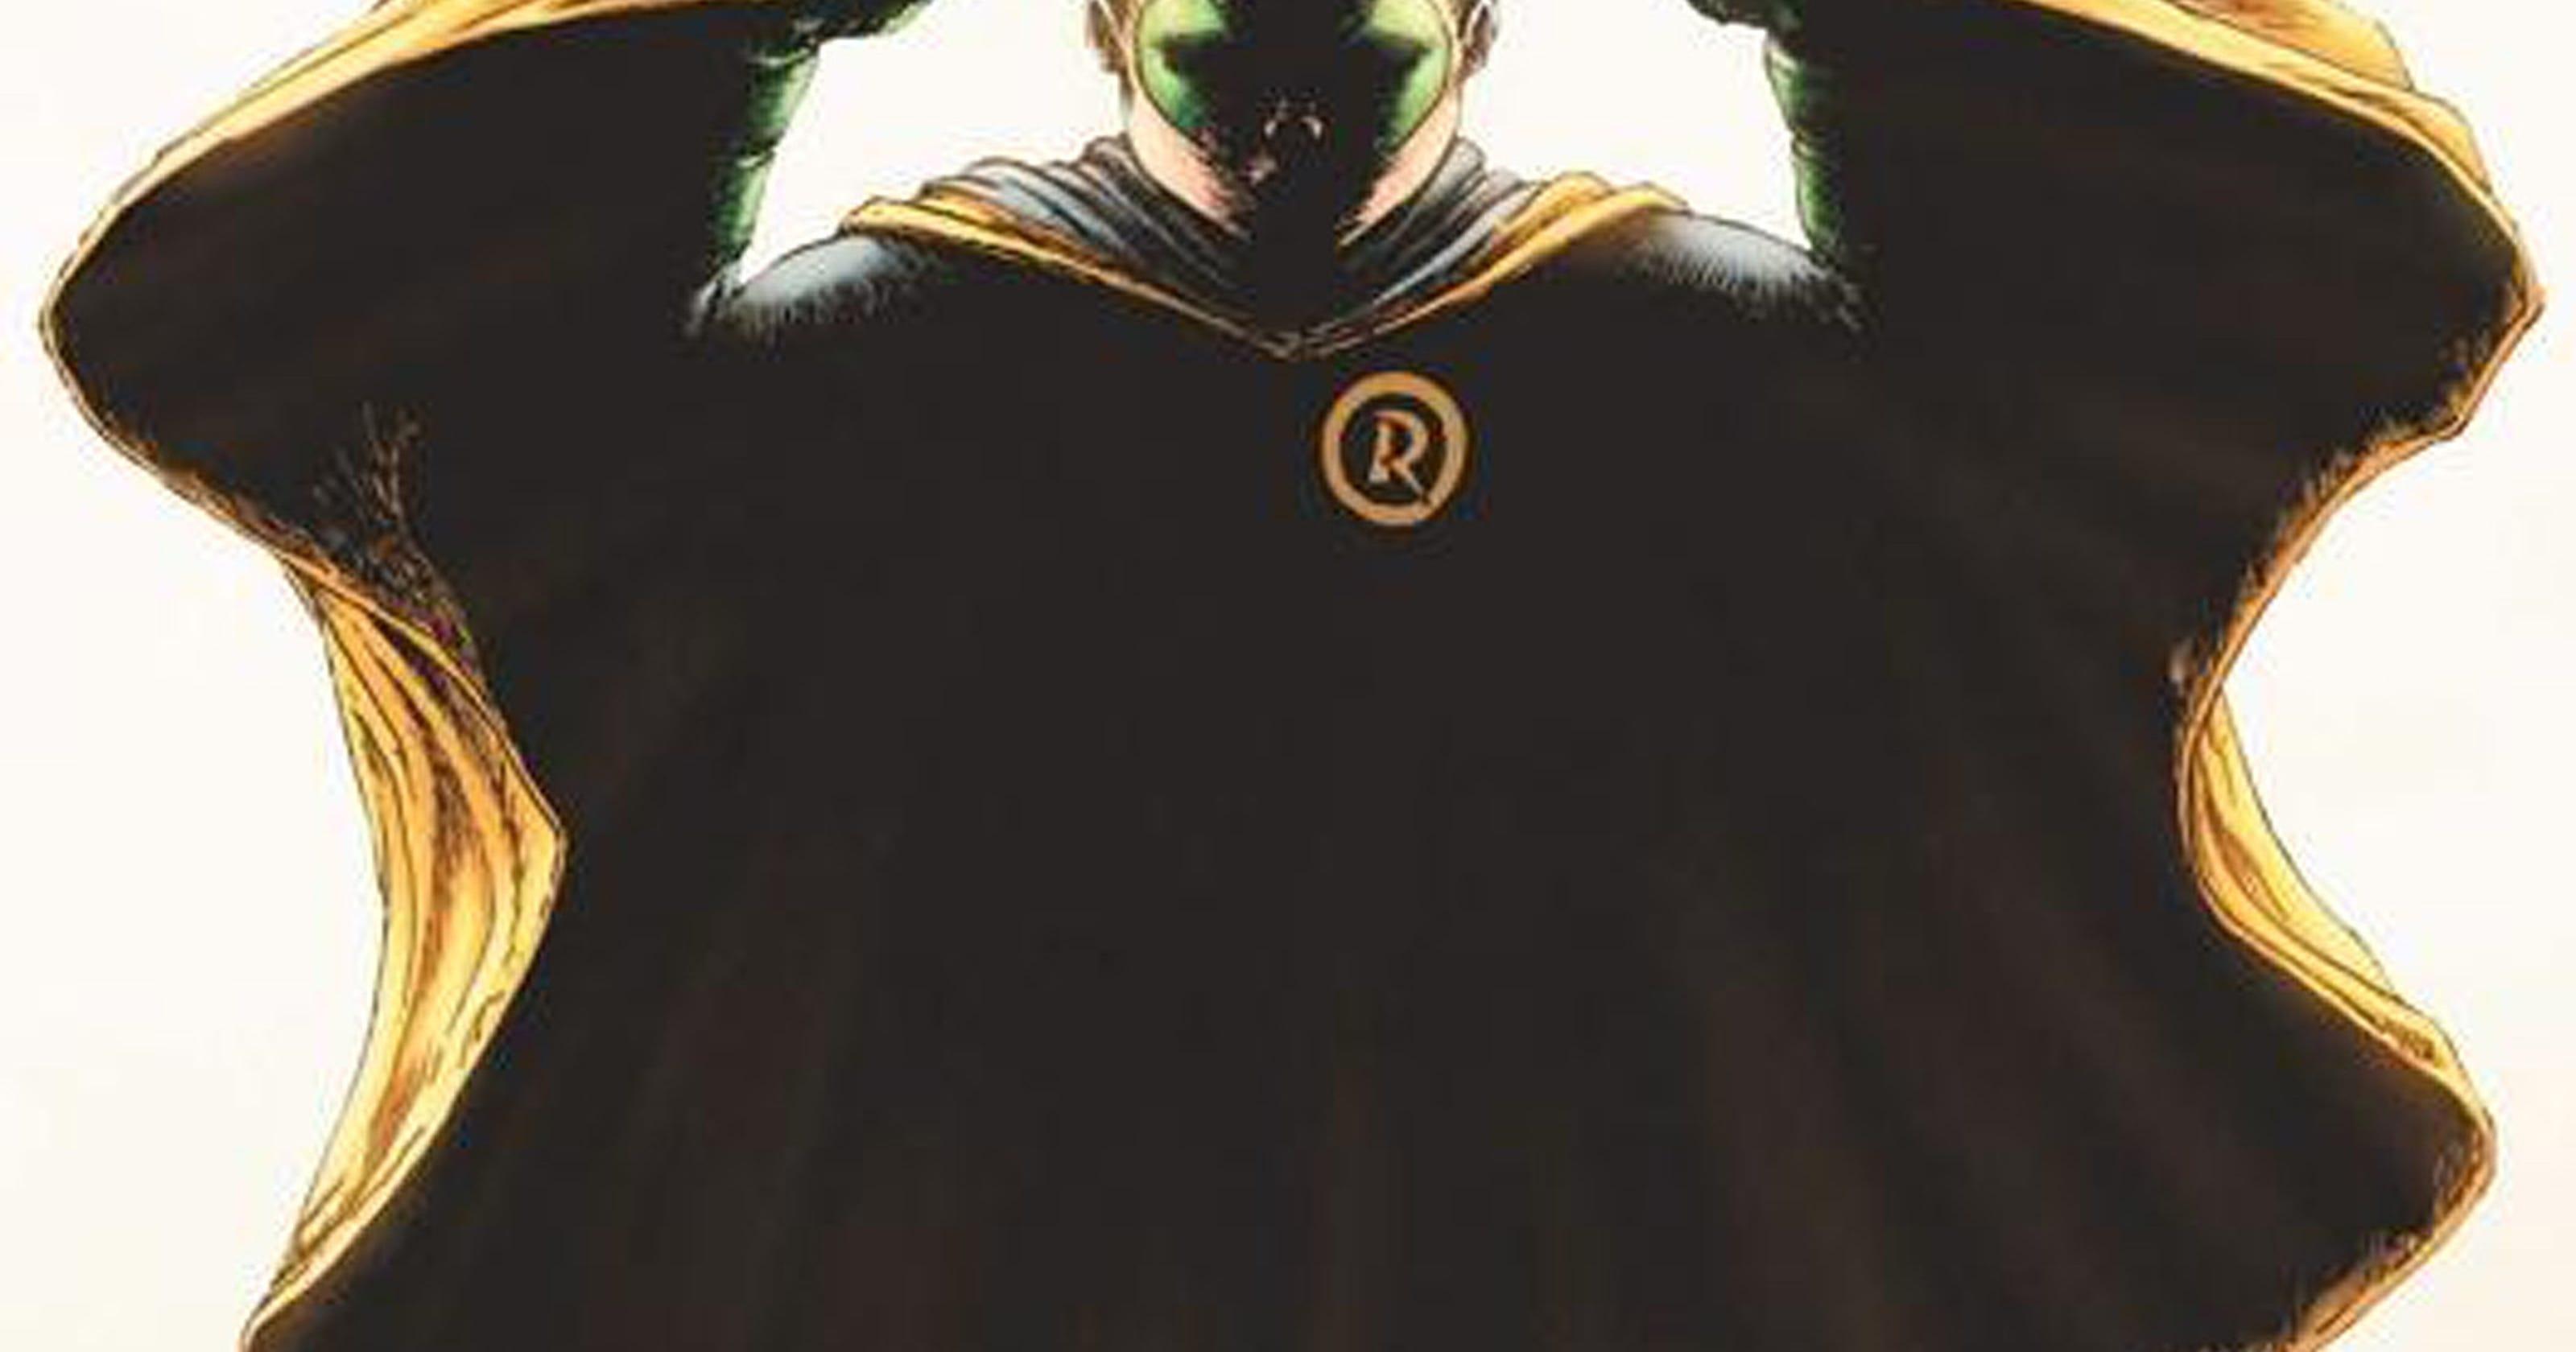 Boy Wonder no more? Writer ends career of current Robin